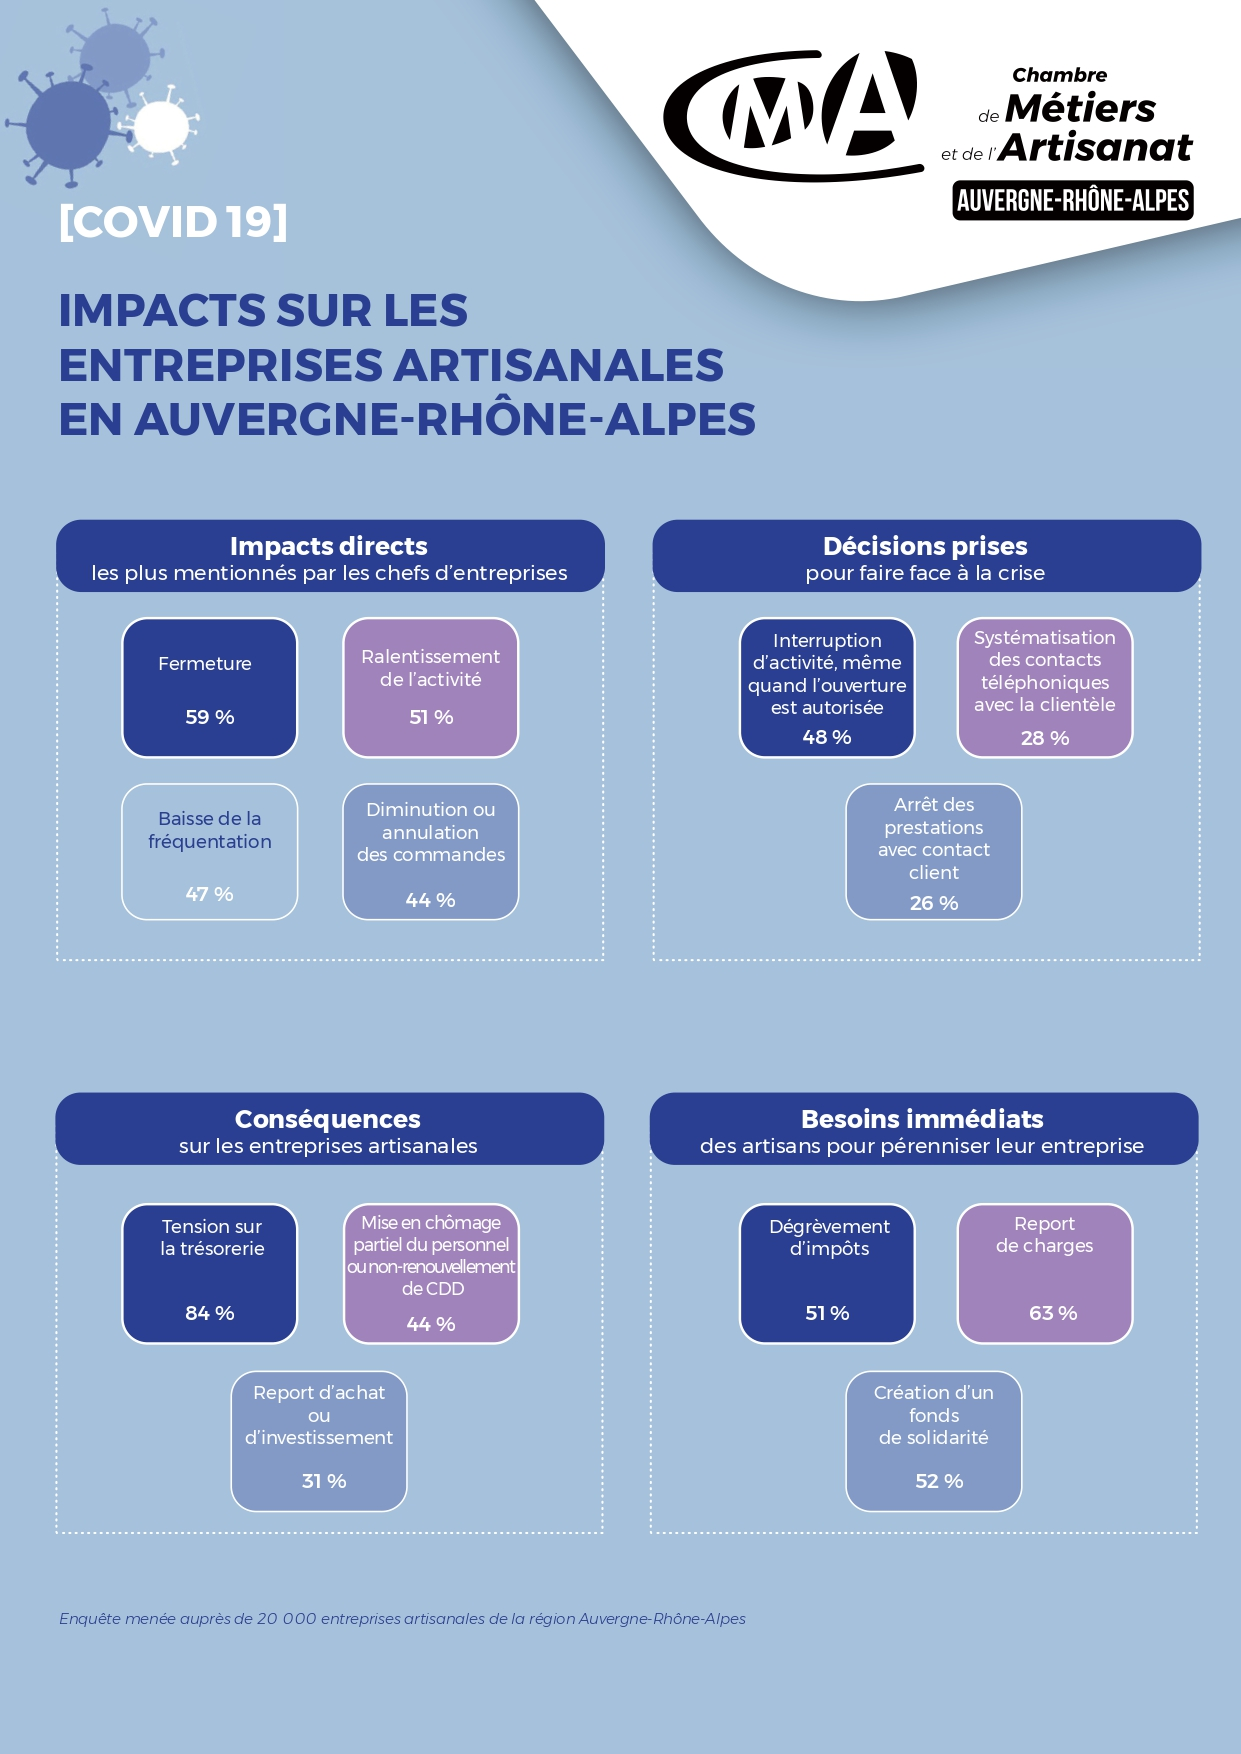 Covid-19 enquête CRMA Auvergne-Rhône-Alpes impacts du covid-19 sur les entreprises artisanales